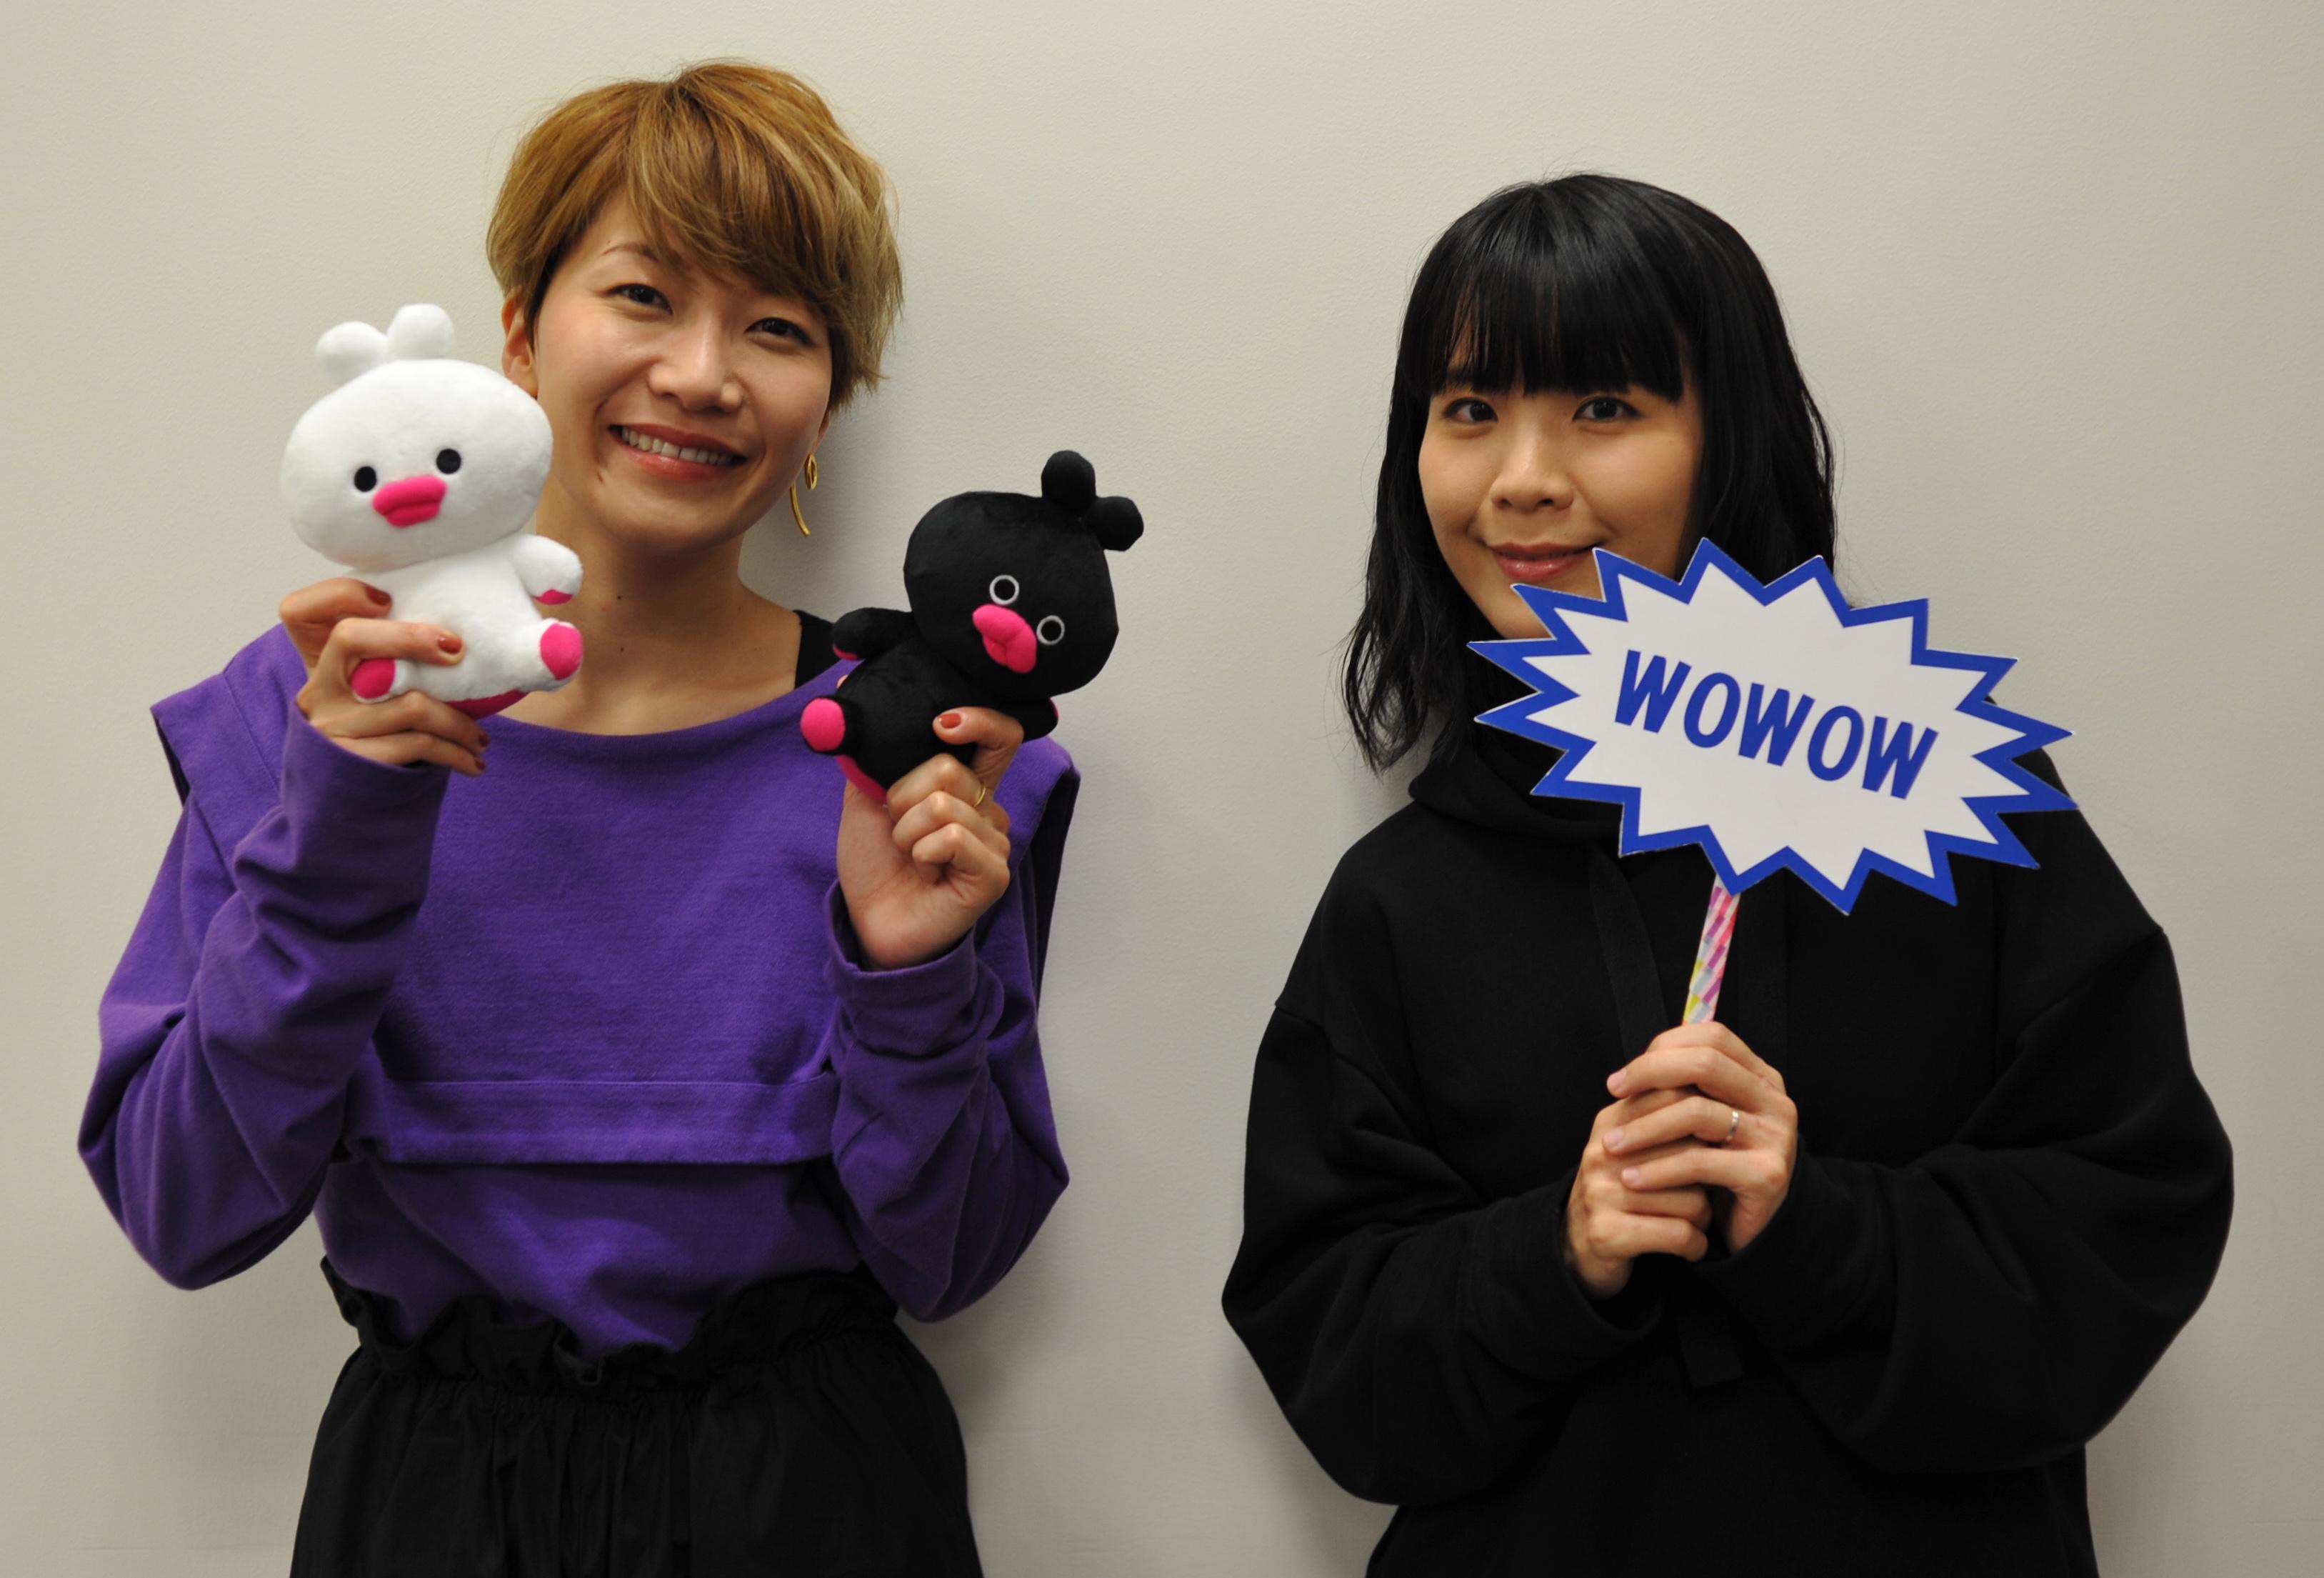 チャットモンチー (C)WOWOW・aki kondo/dwarf